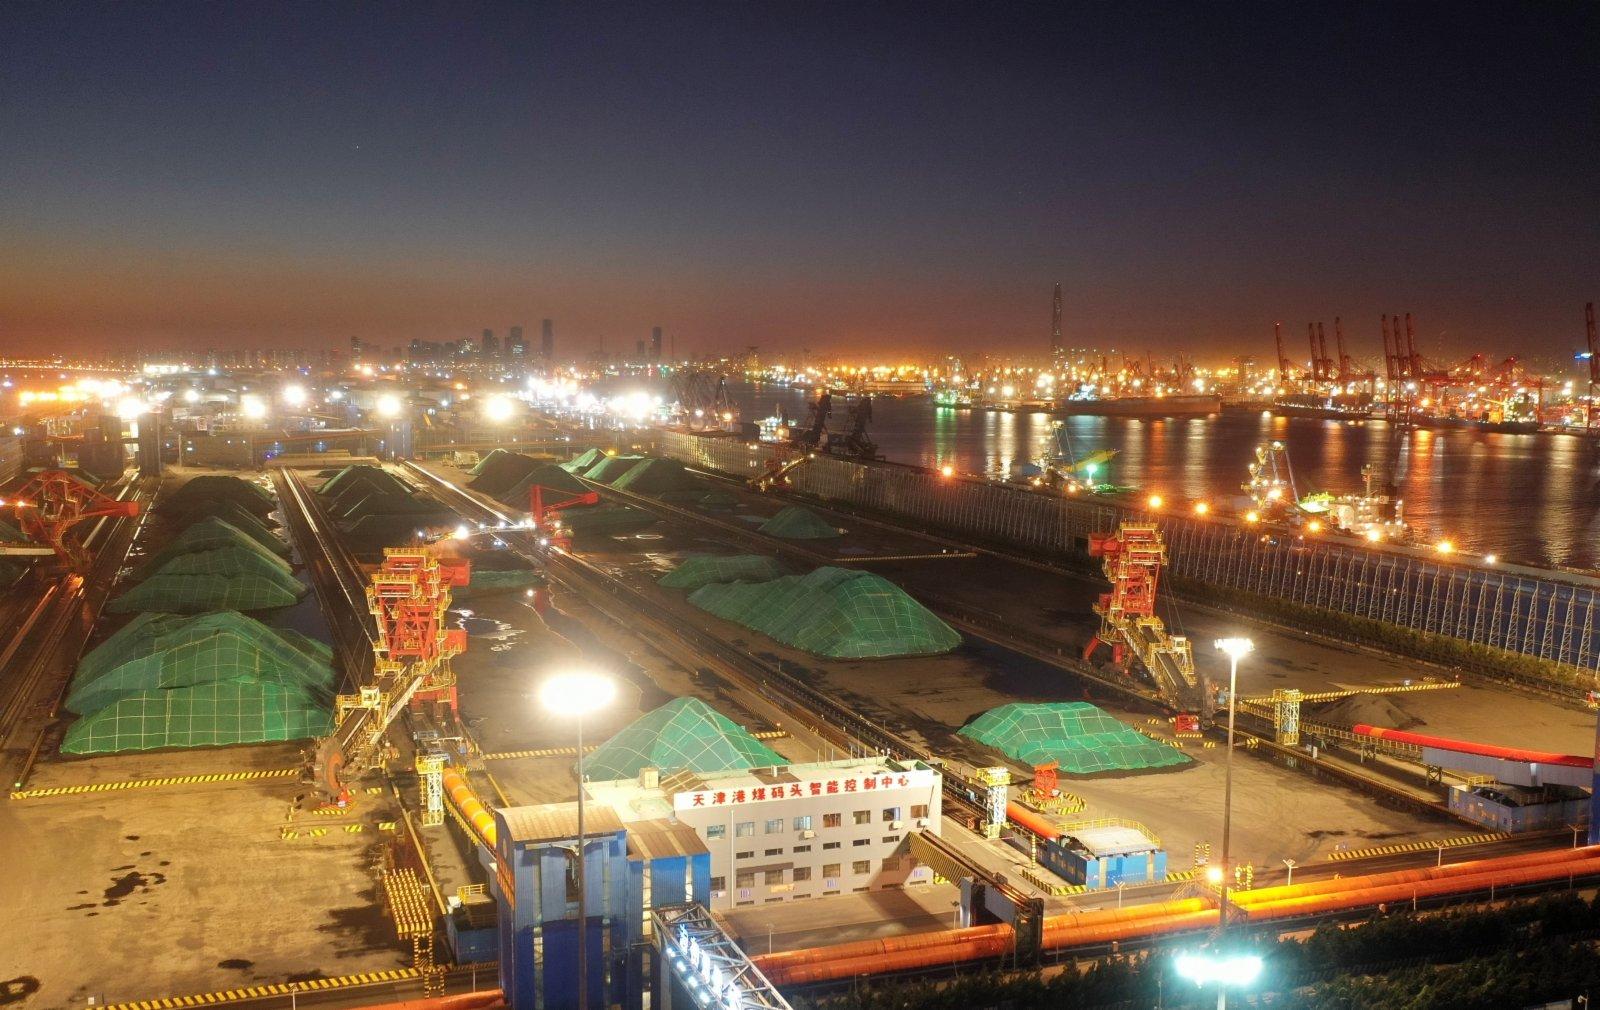 這是天津港煤碼頭一景。(新華社)